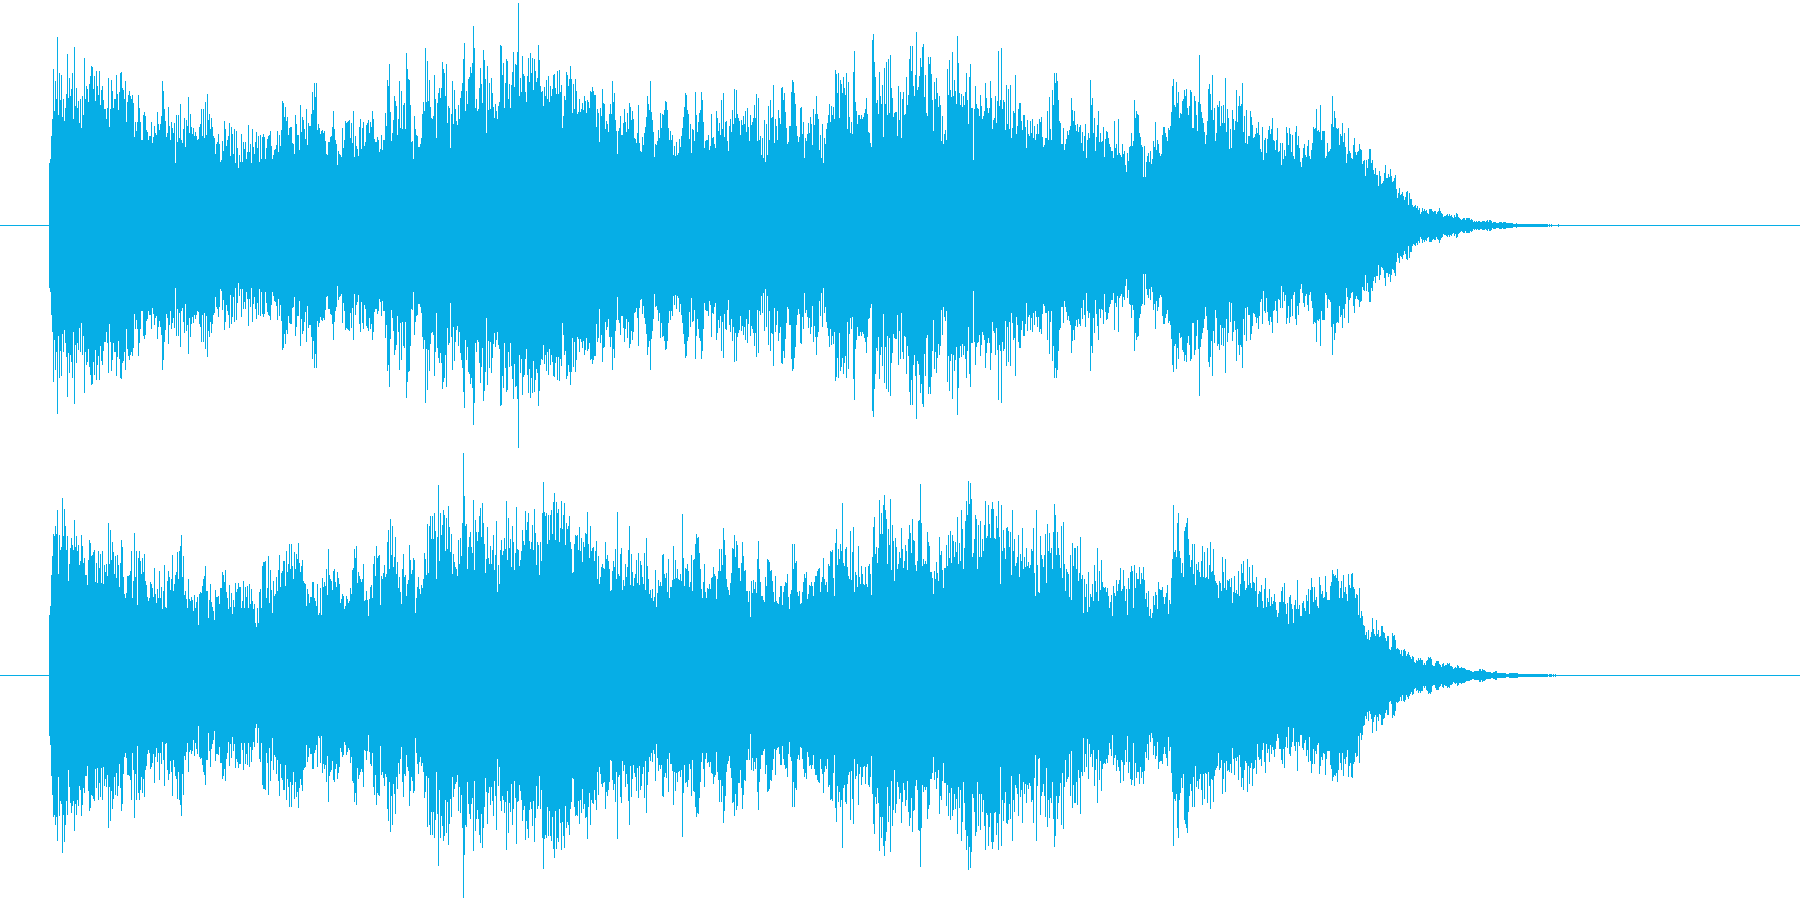 情熱的なストリングスポップスのジングルの再生済みの波形